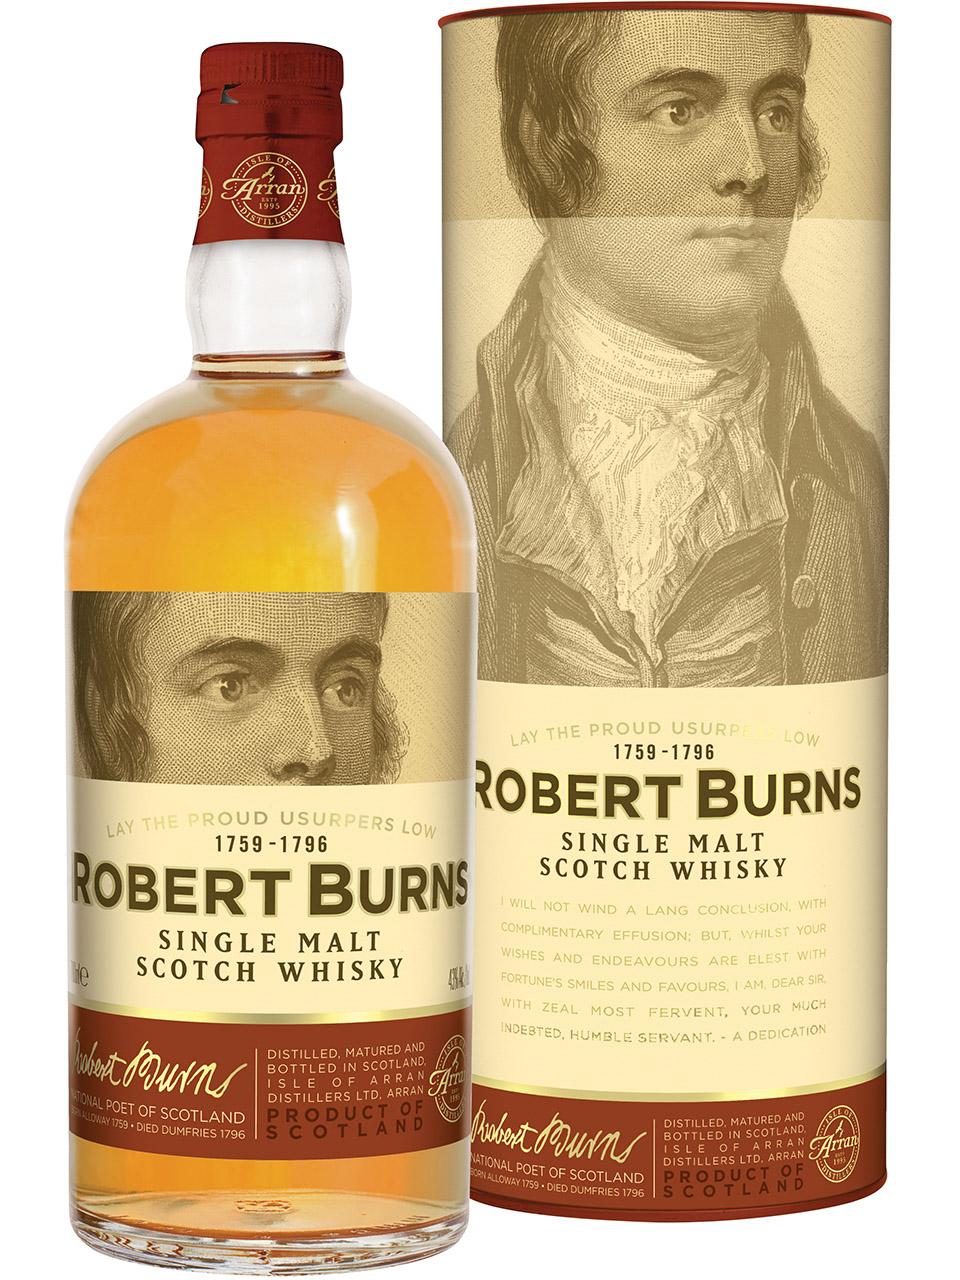 Robert Burns Single Malt Scotch